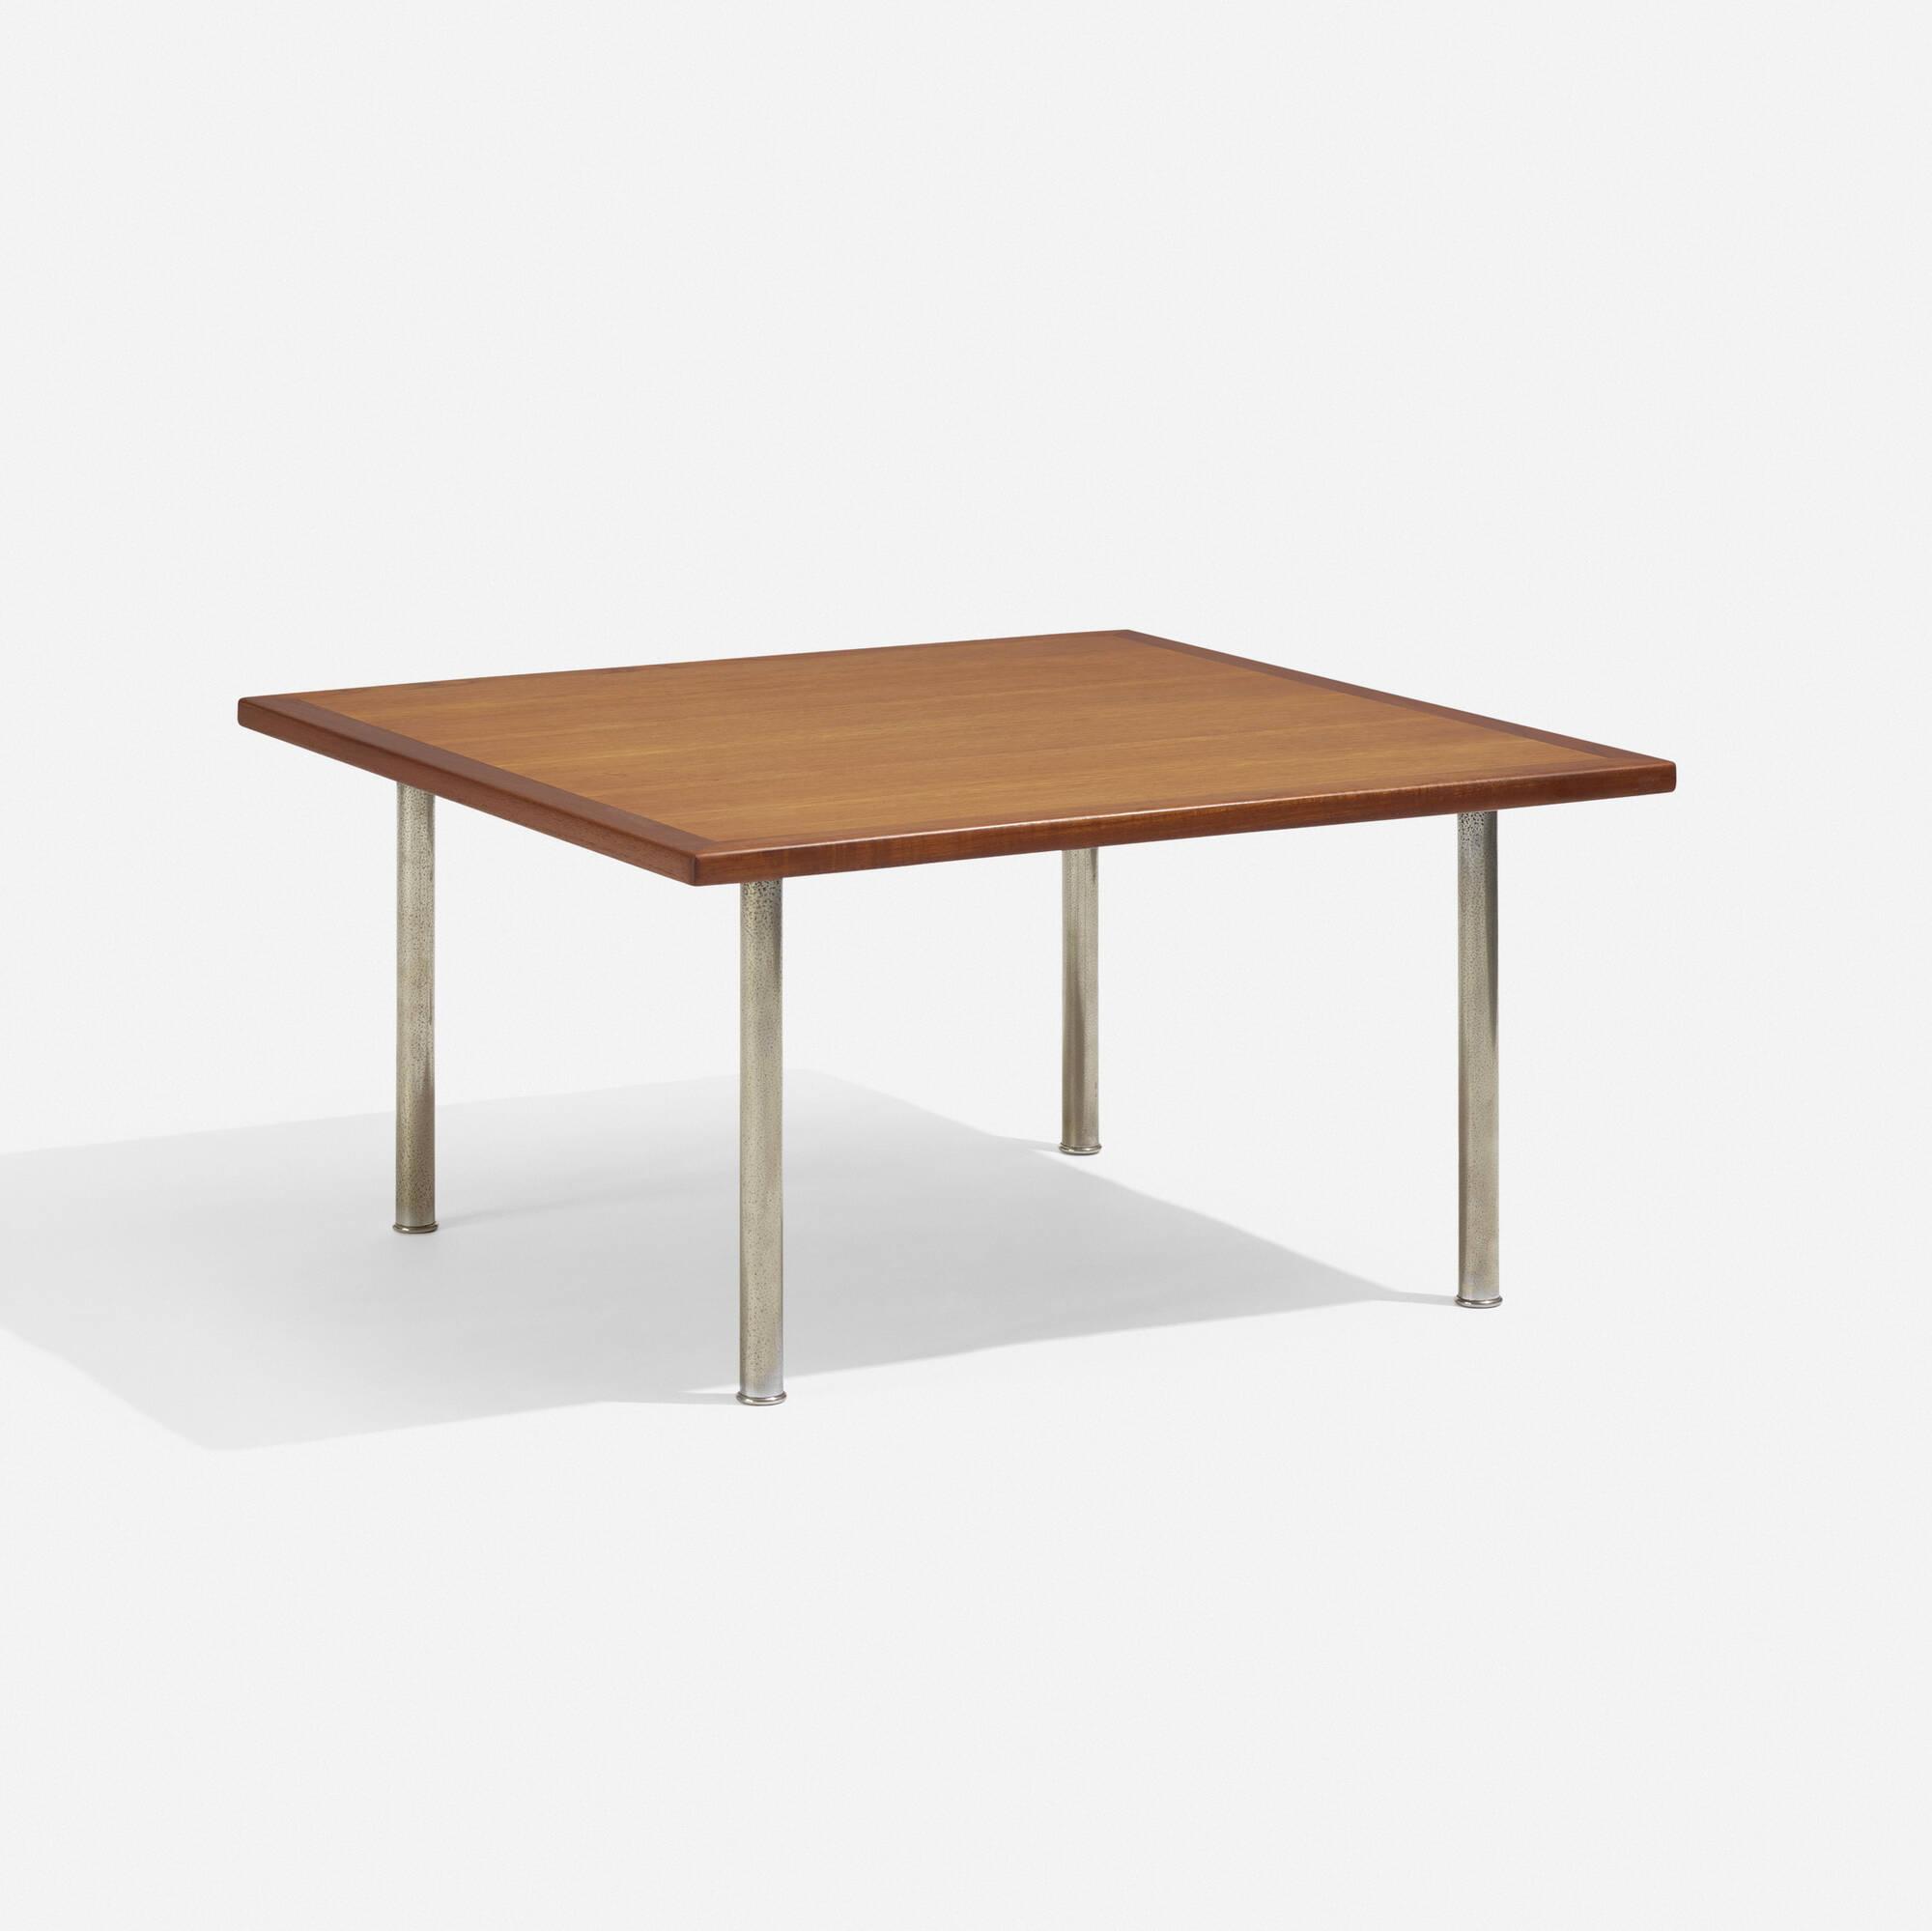 269 Hans J Wegner coffee table model AT12 Scandinavian